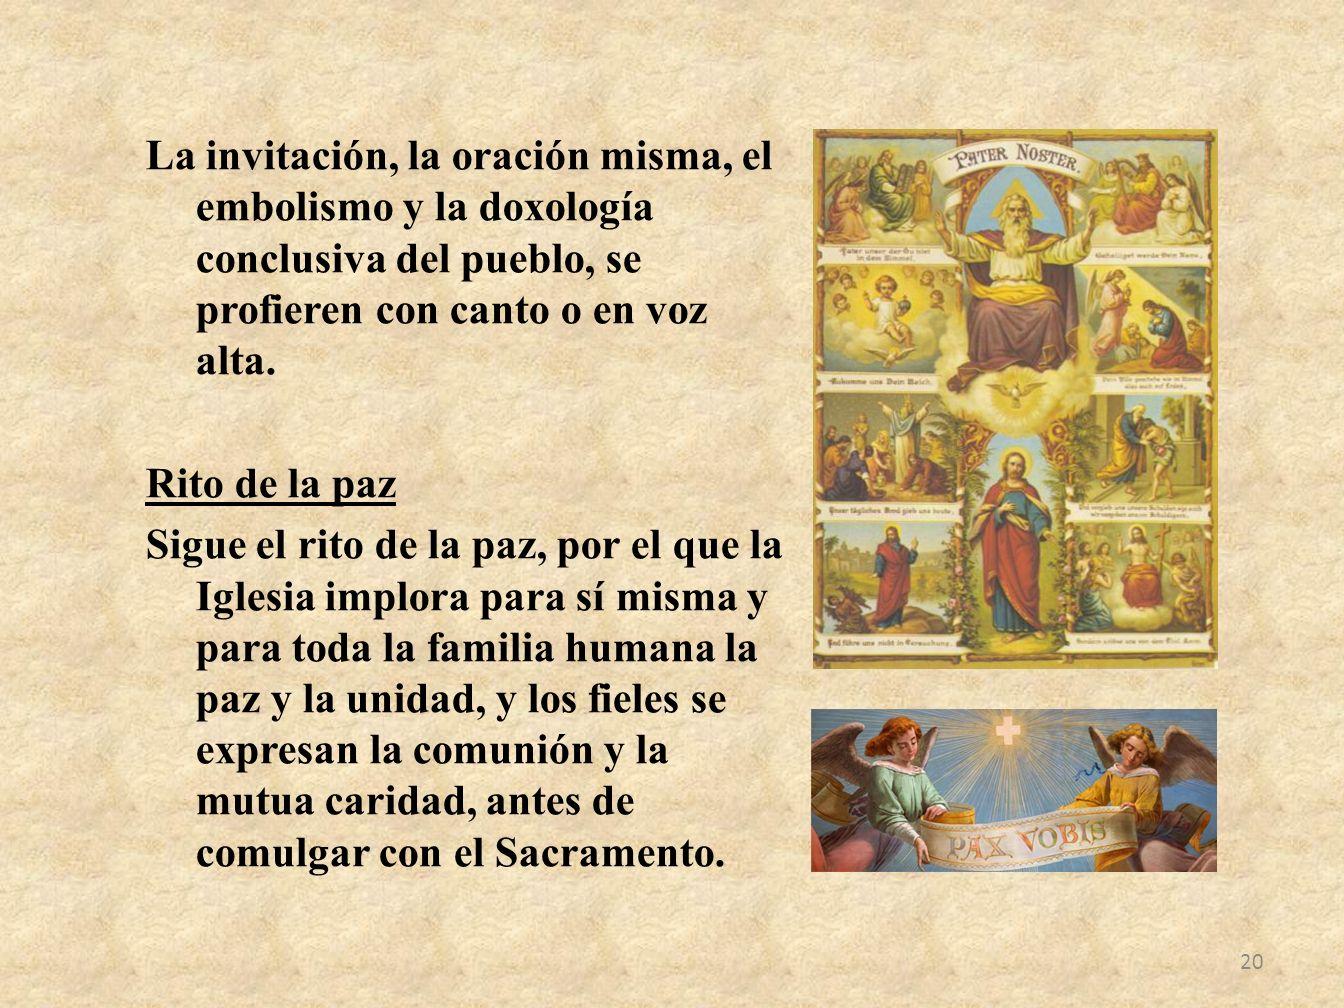 La invitación, la oración misma, el embolismo y la doxología conclusiva del pueblo, se profieren con canto o en voz alta. Rito de la paz Sigue el rito